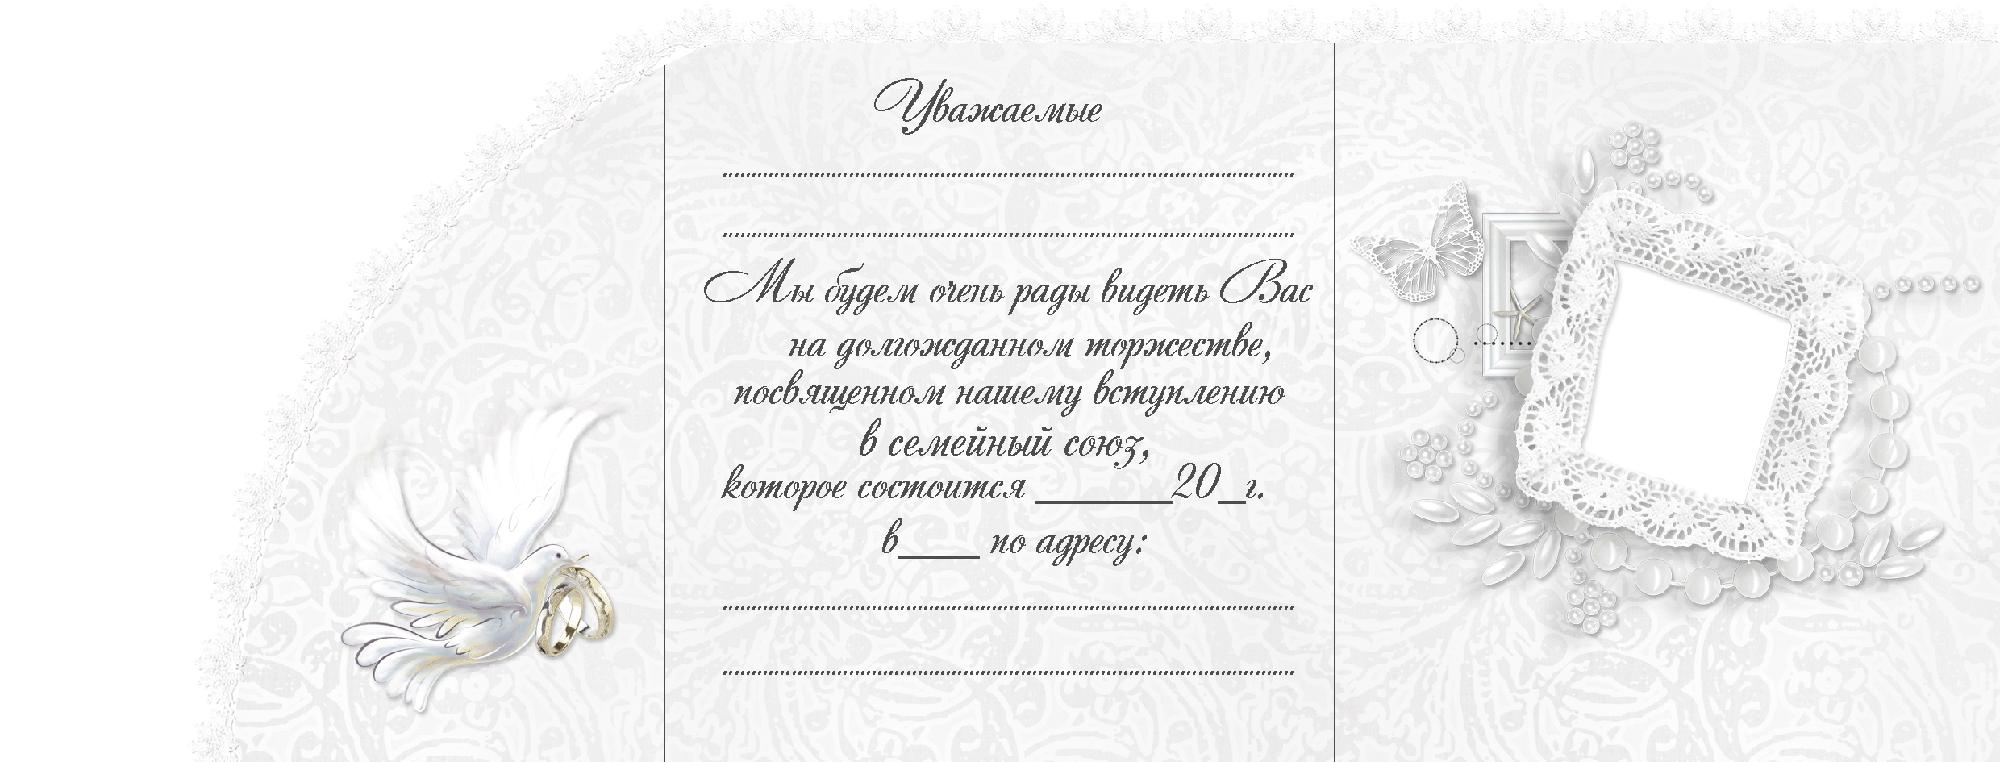 Шаблон свадебного приглашения-открытки